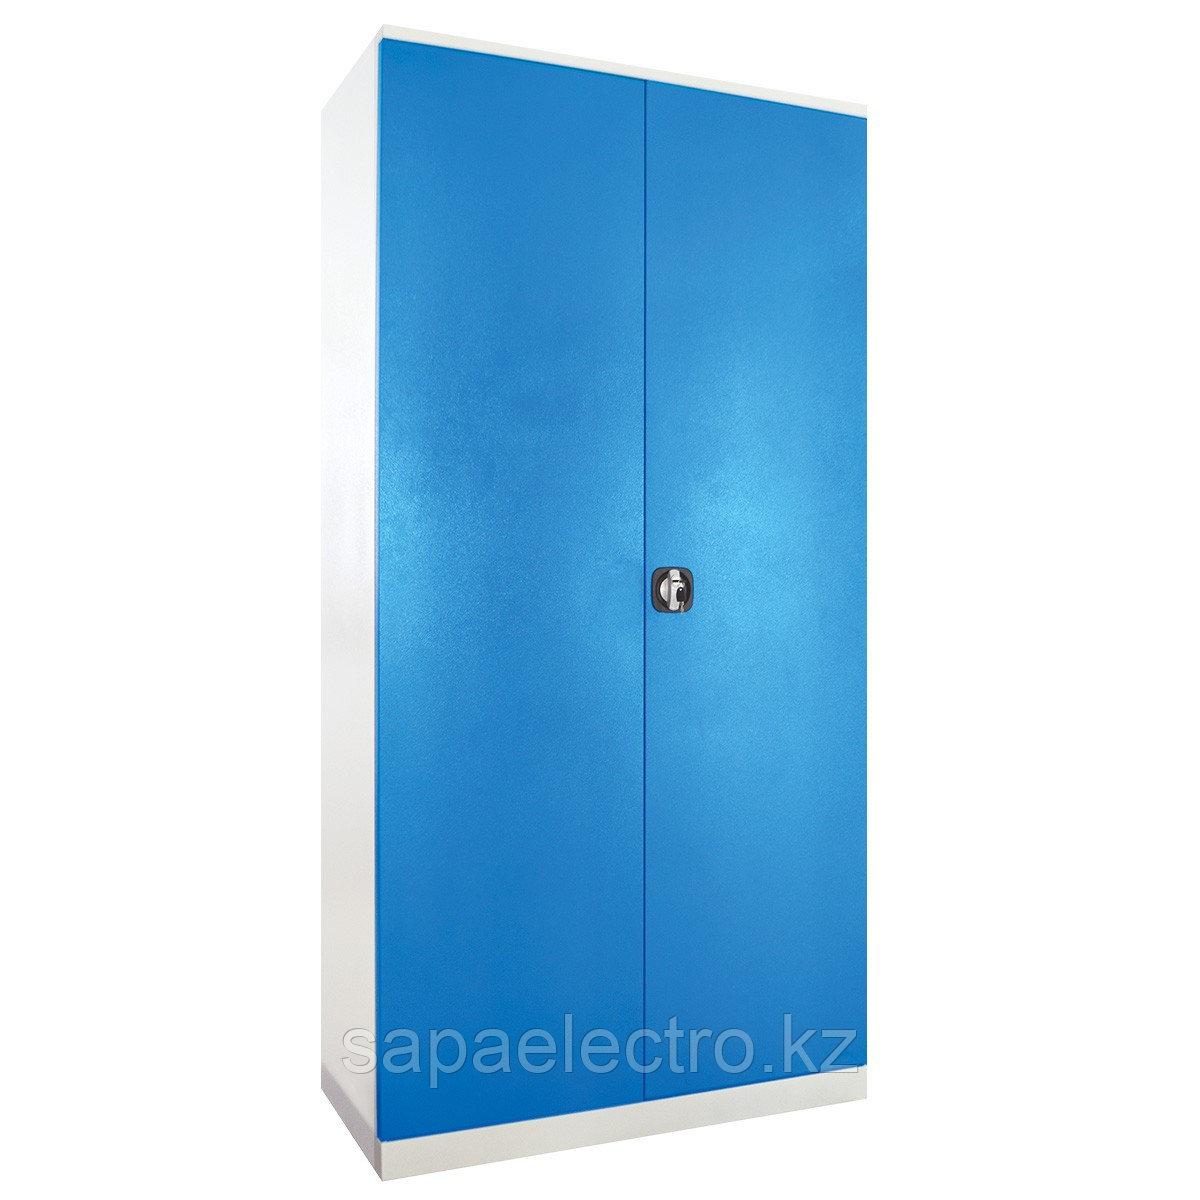 Металл.Шкаф (серый) 1800x900x500 MGL (TS)